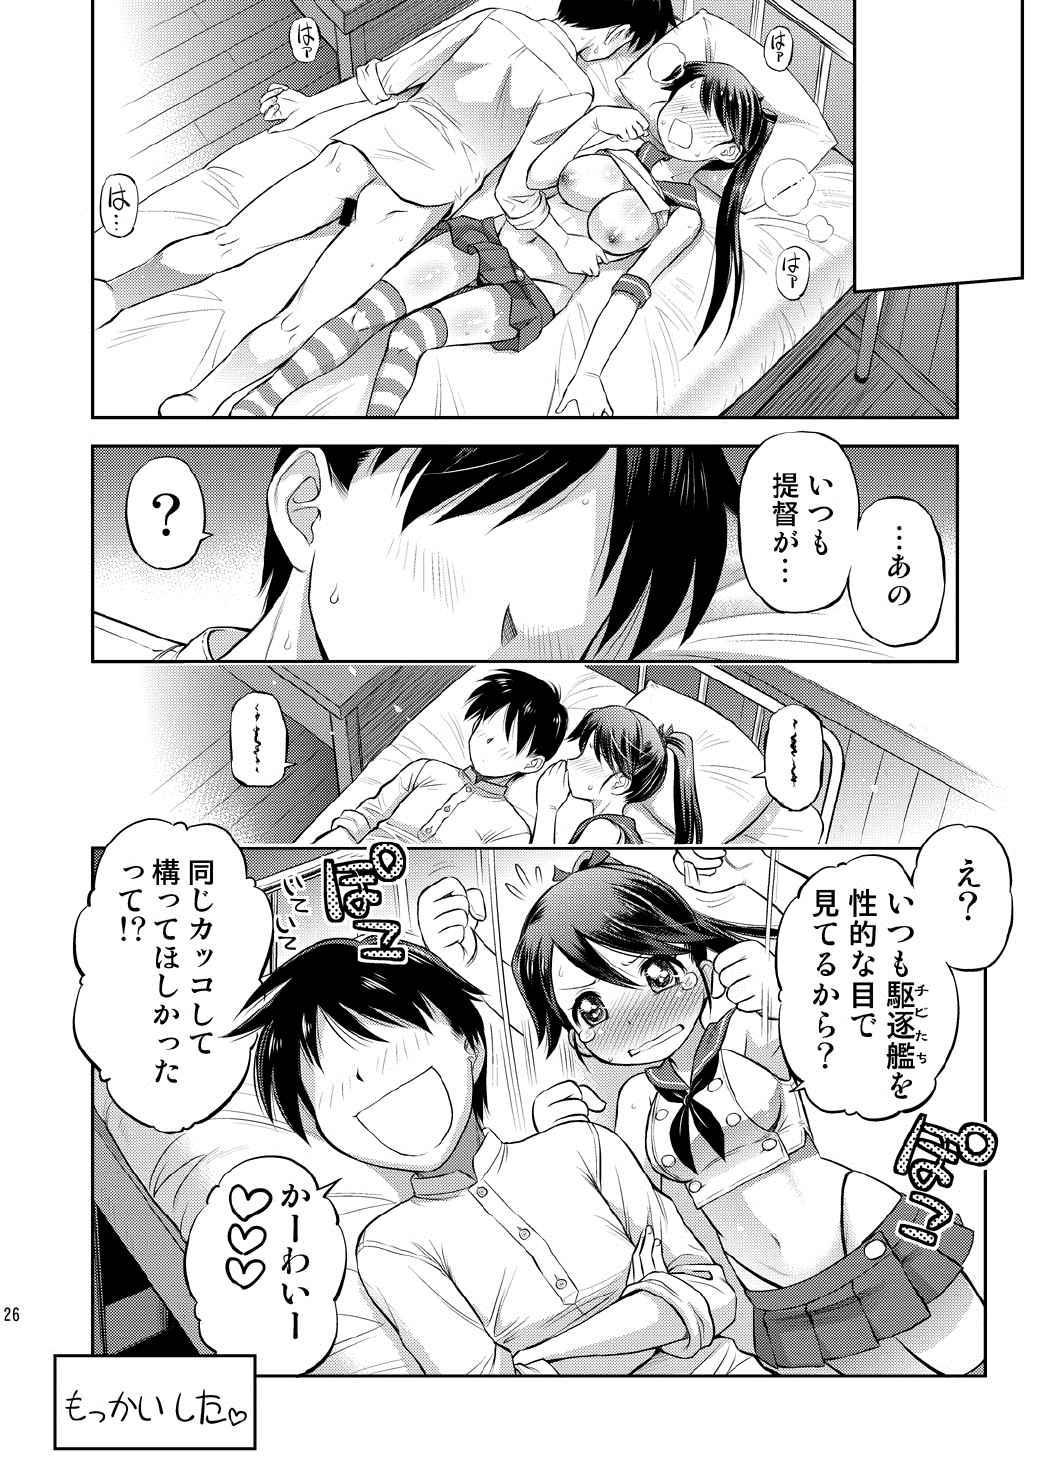 Houshou-san ni Cosplay Shite Morau Hon 24